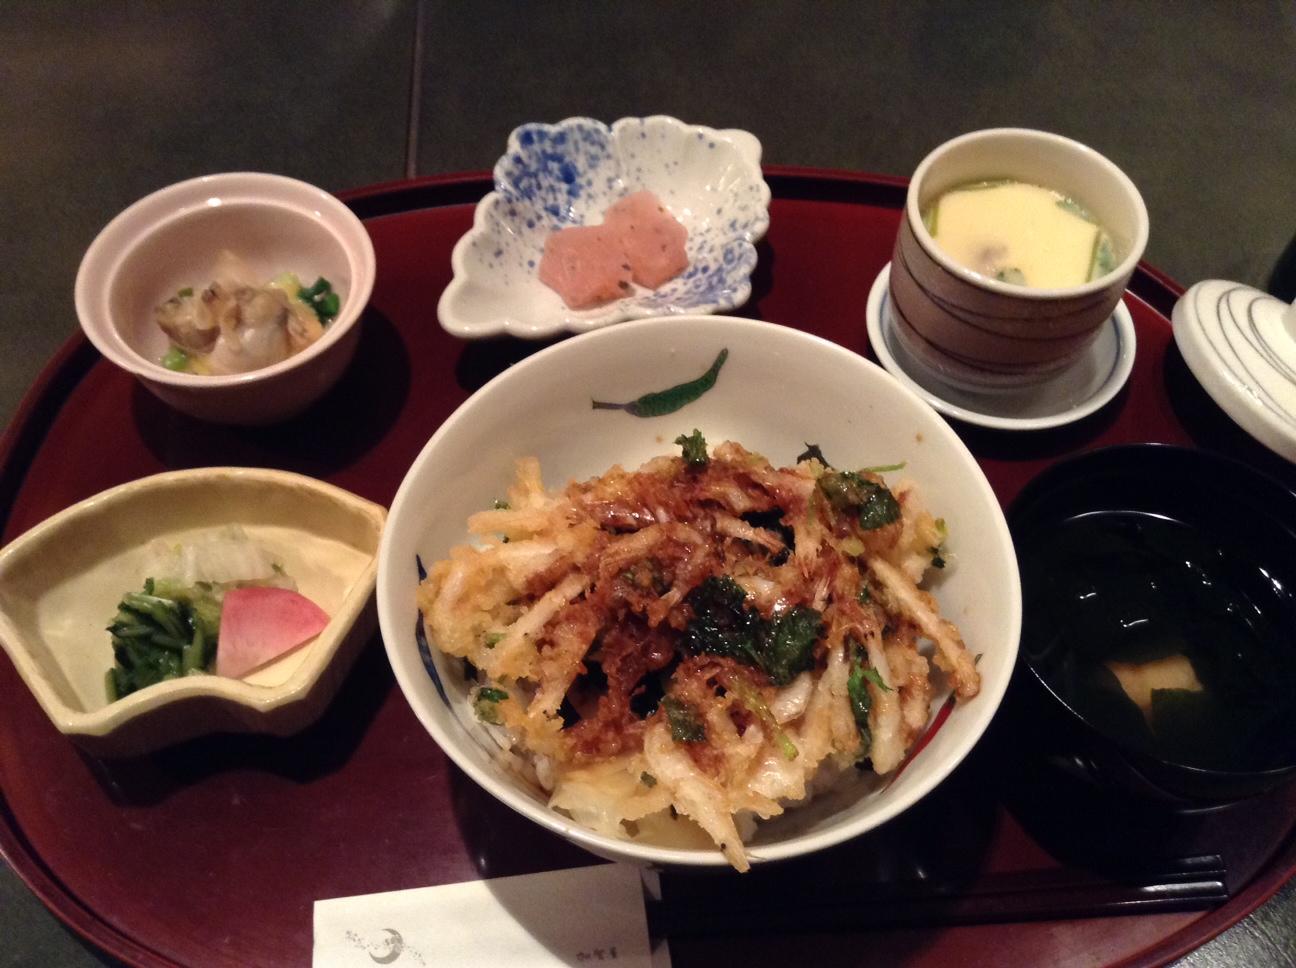 加賀屋の「白えびのかき揚げ天丼」